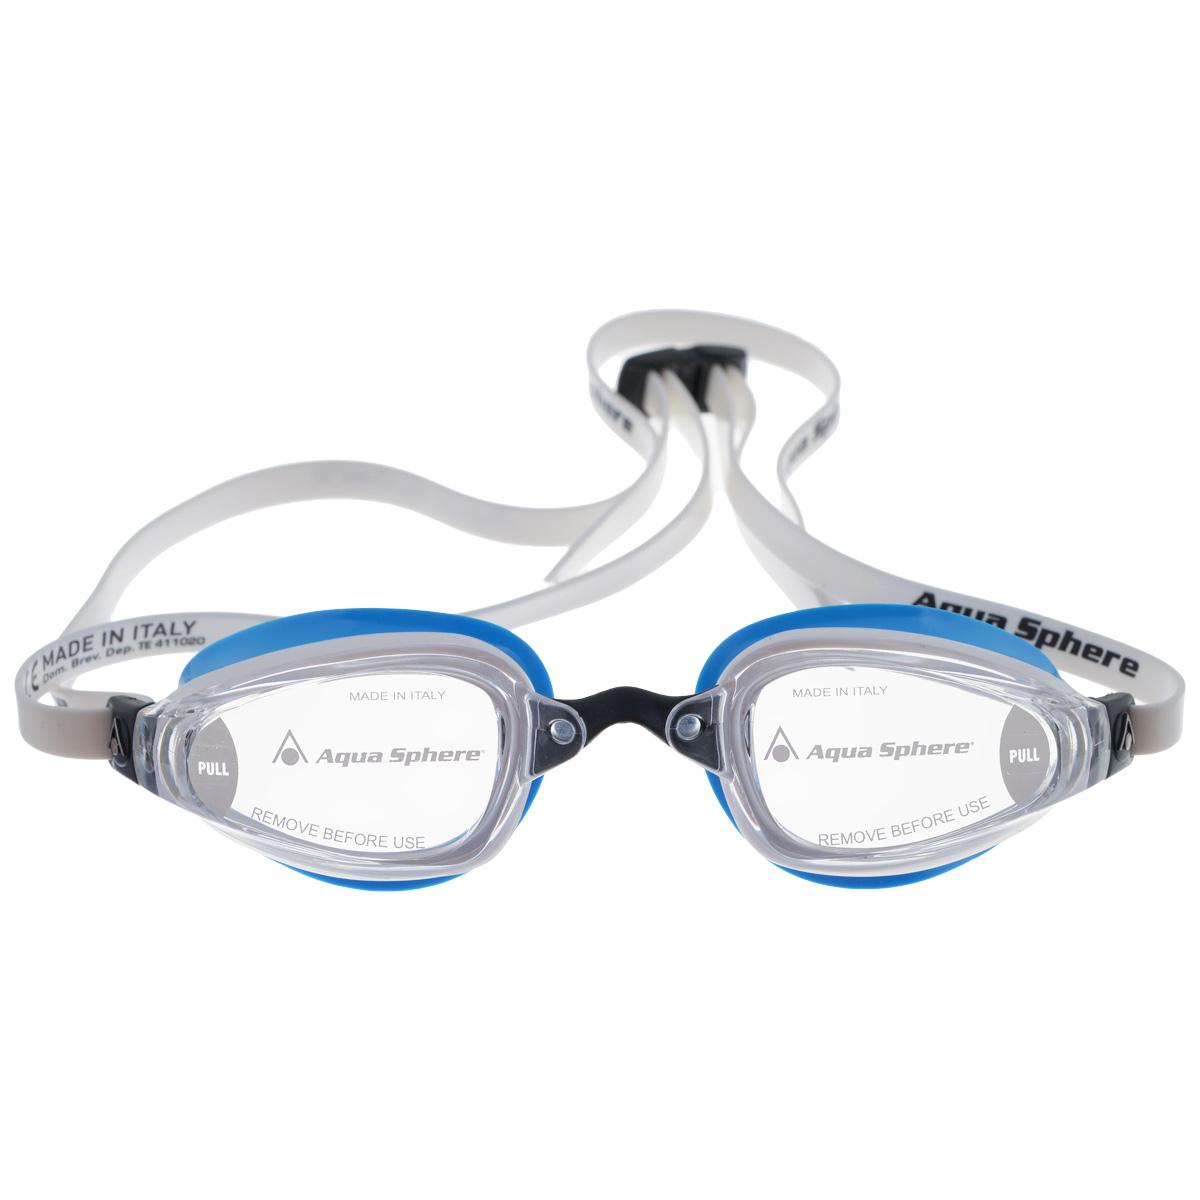 Очки для плавания Aqua Sphere K180 Lady, цвет: белый, голубойTS V-500A CGRAqua Sphere K180 Lady - это первые очки для скоростного плавания, обладающие панорамным обзором в 180°, который достигается благодаря очень близкому расположению линз к глазам. Благодаря сменным перемычкам можно менять расстояние между линзами. Очки дают 100% защиту от ультрафиолетового излучения.В комплекте 3 сменных перемычки.